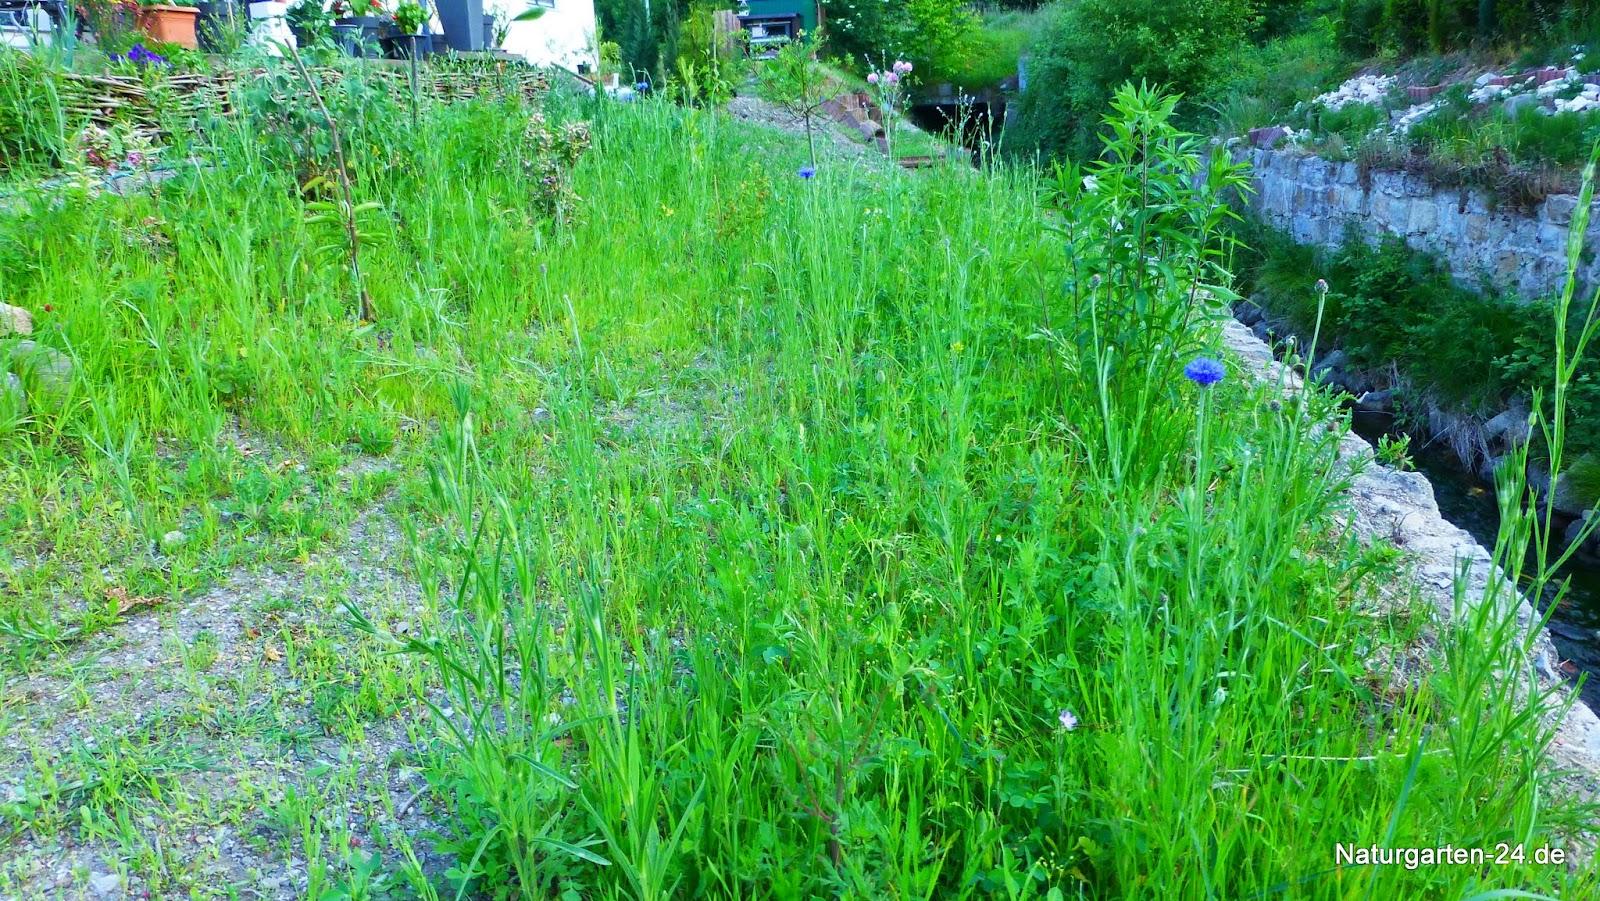 wild kr uterpflanzen im garten und der natur wildblumenwiese. Black Bedroom Furniture Sets. Home Design Ideas